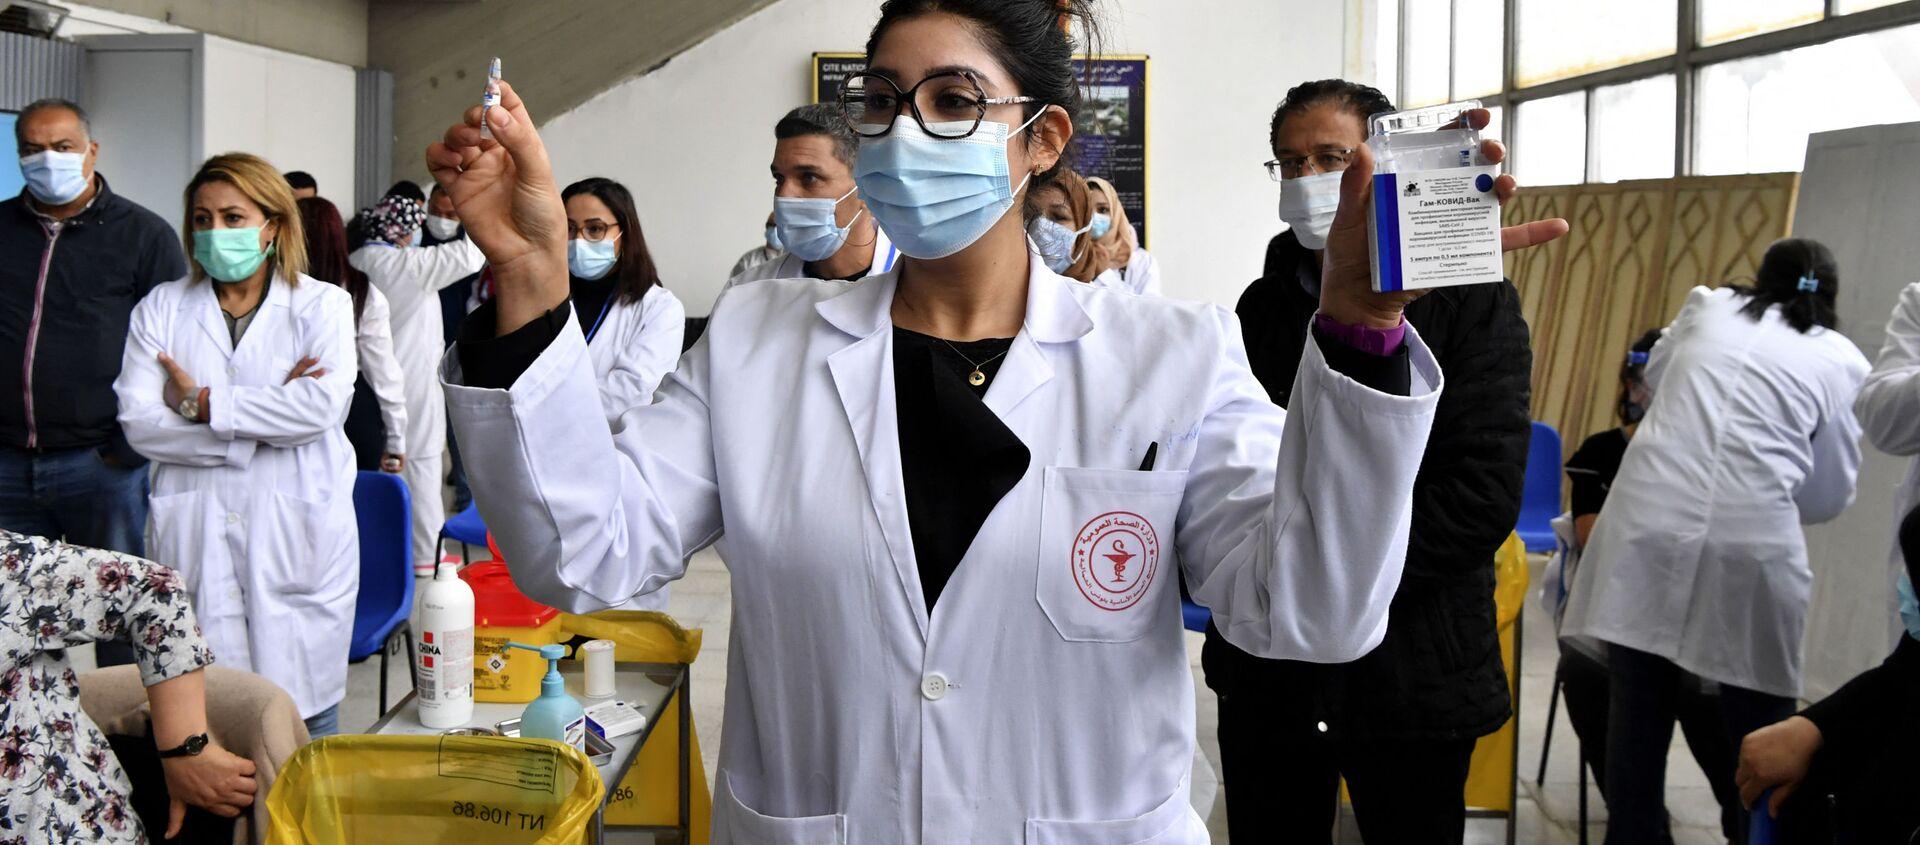 W Tunezji ruszyła kampania szczepień przeciwko koronawirusowi z użyciem szczepionki Sputnik V. - Sputnik Polska, 1920, 13.03.2021